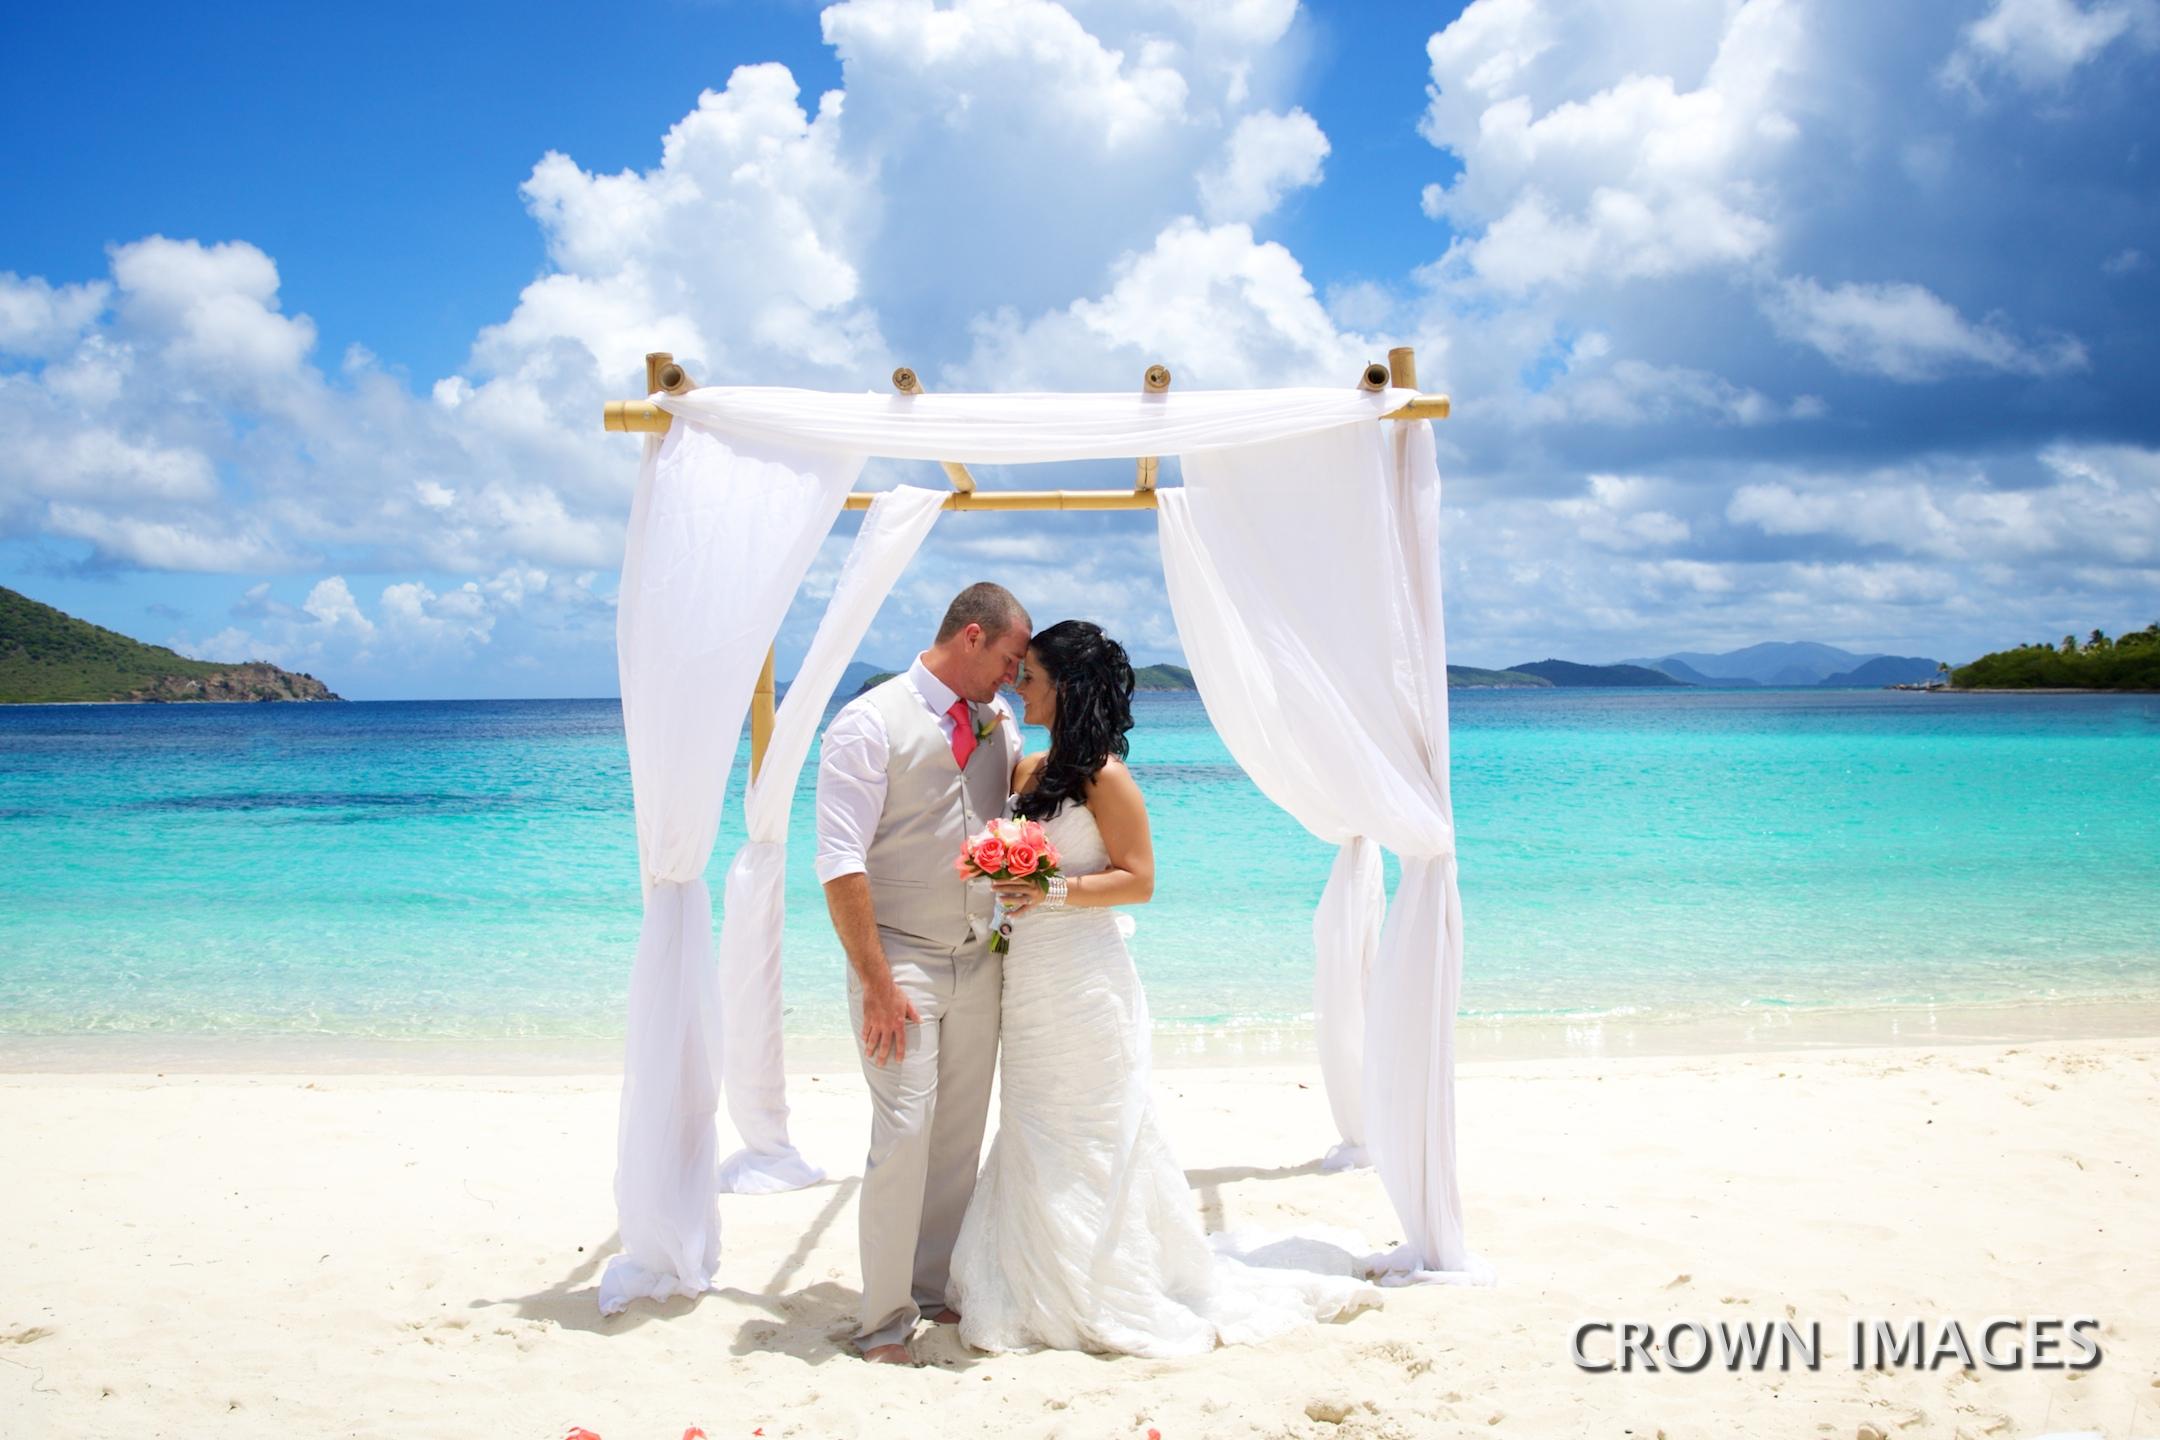 virgin islands wedding photographer crown images